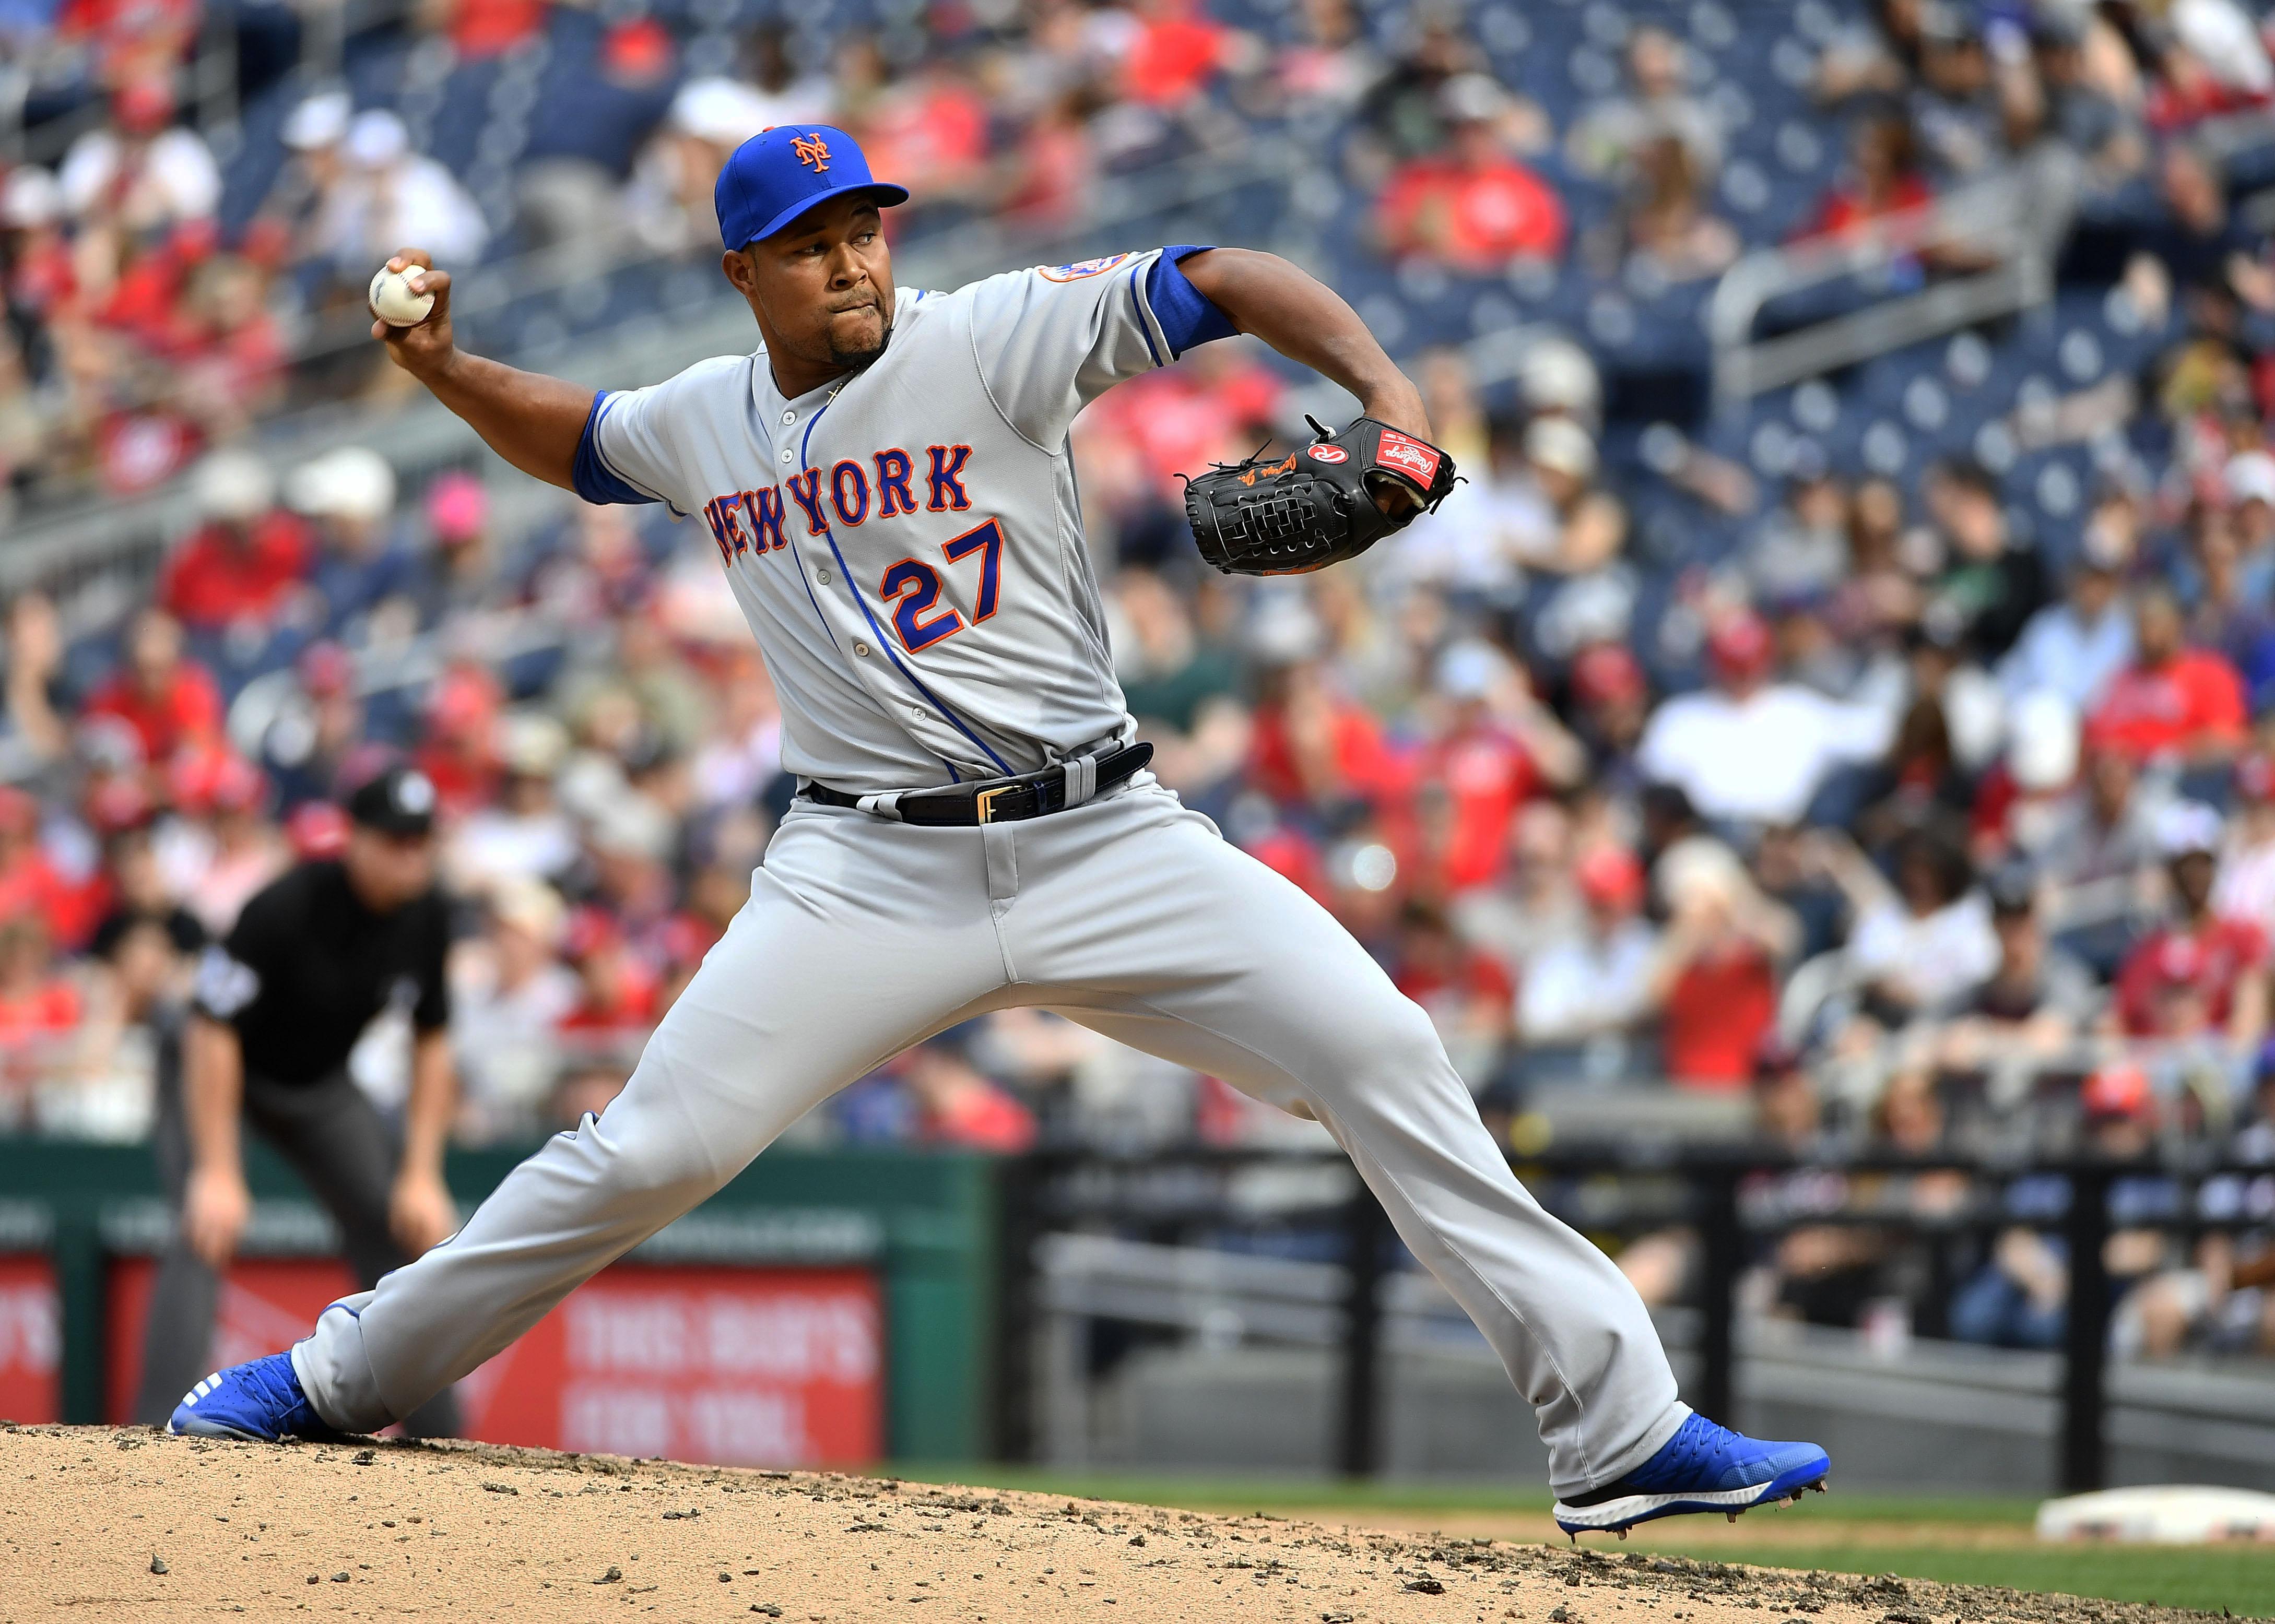 New York Mets' bullpen has been a complete mess